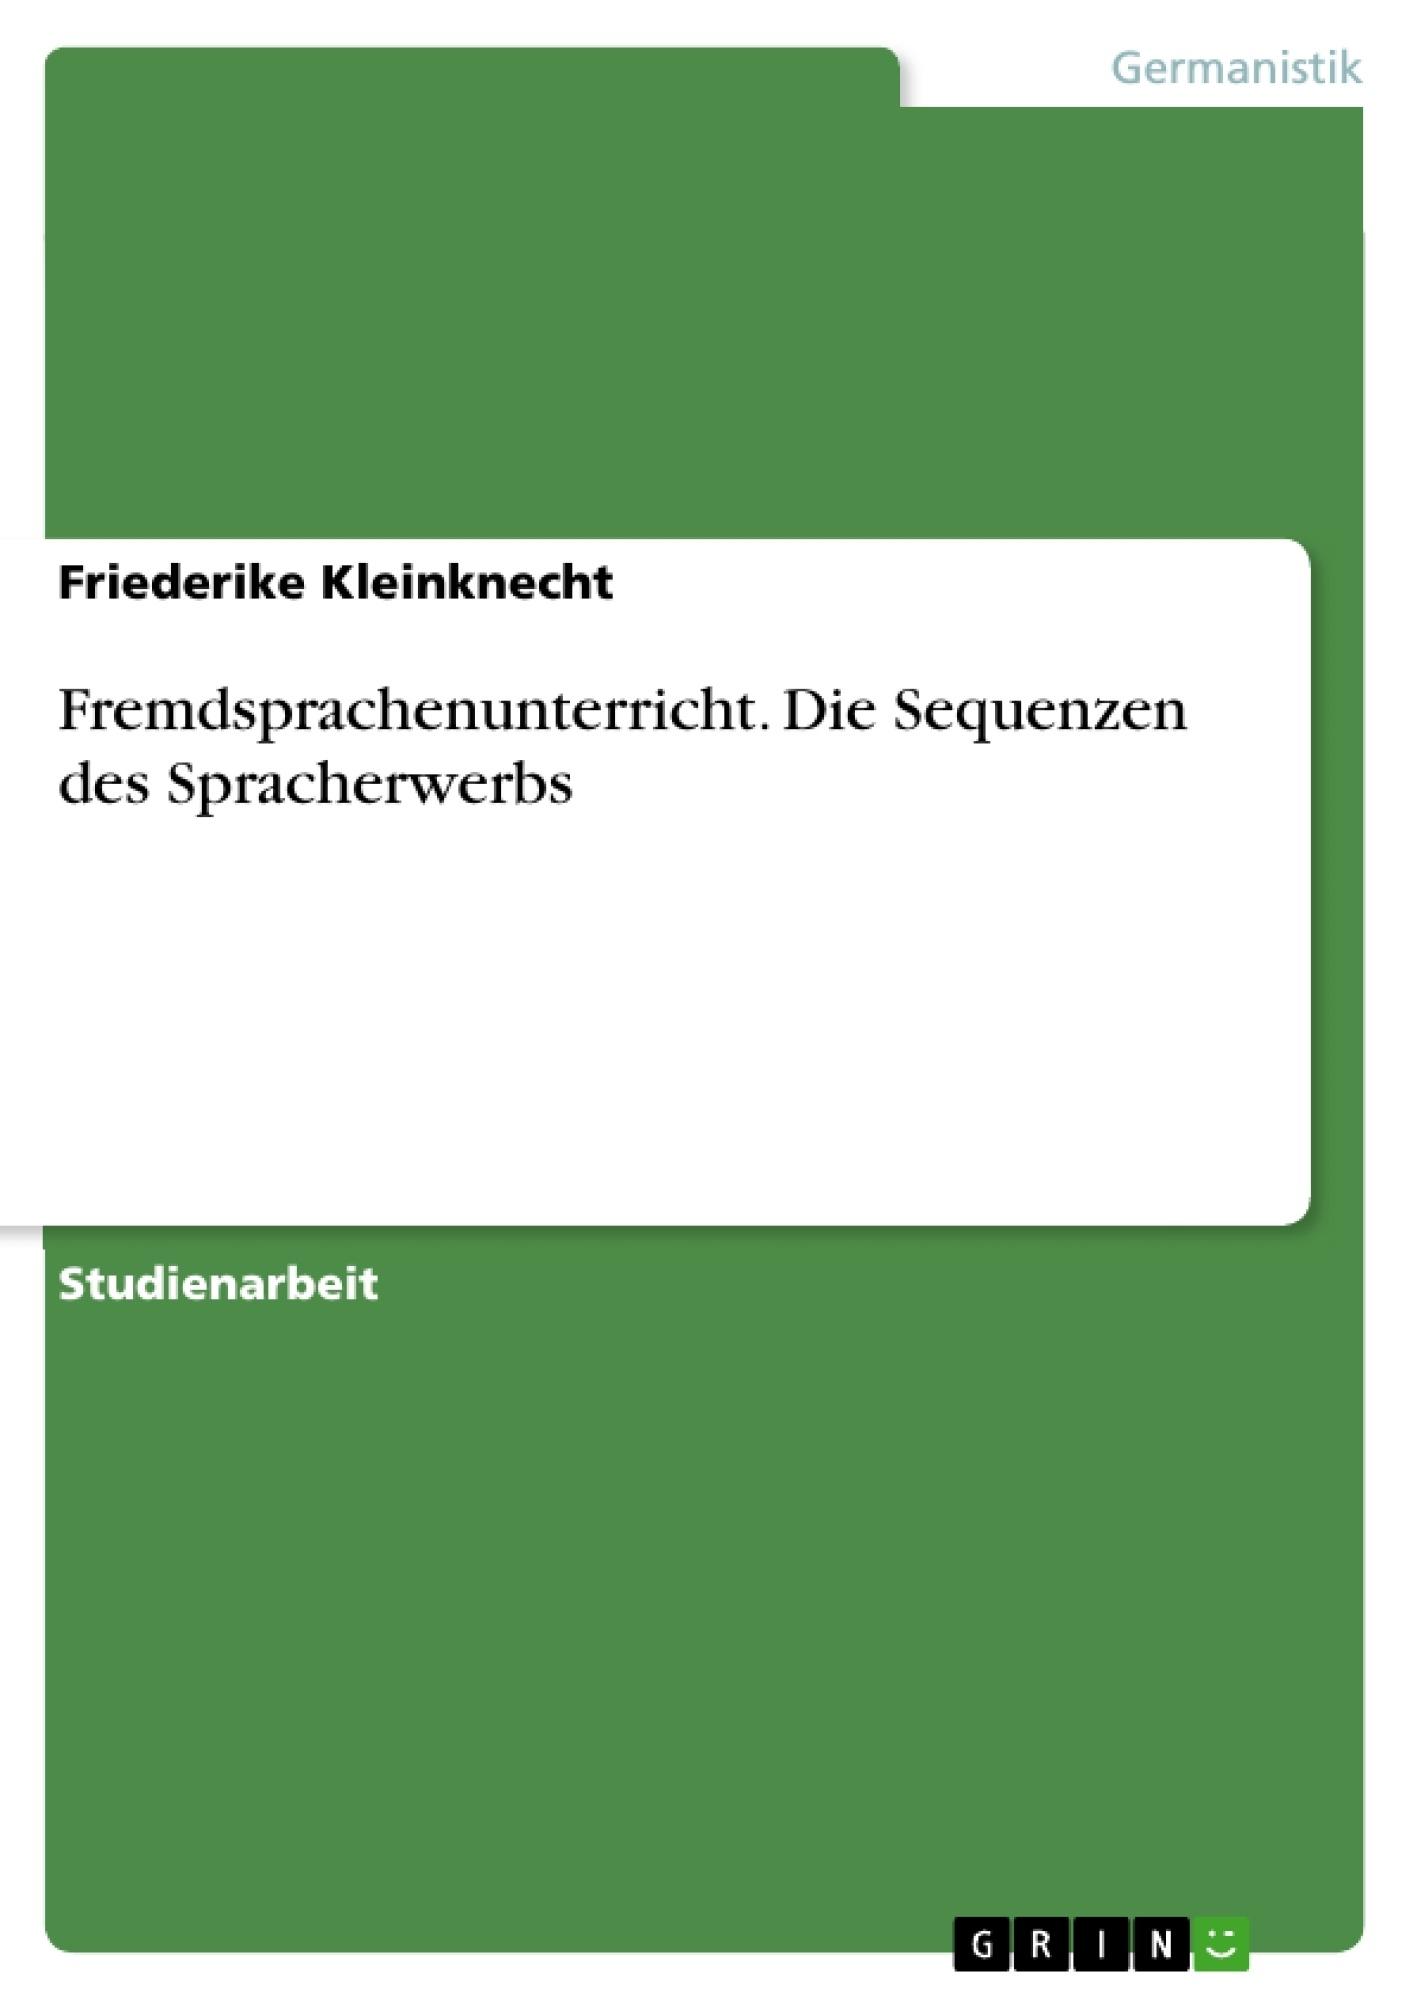 Titel: Fremdsprachenunterricht. Die Sequenzen des Spracherwerbs